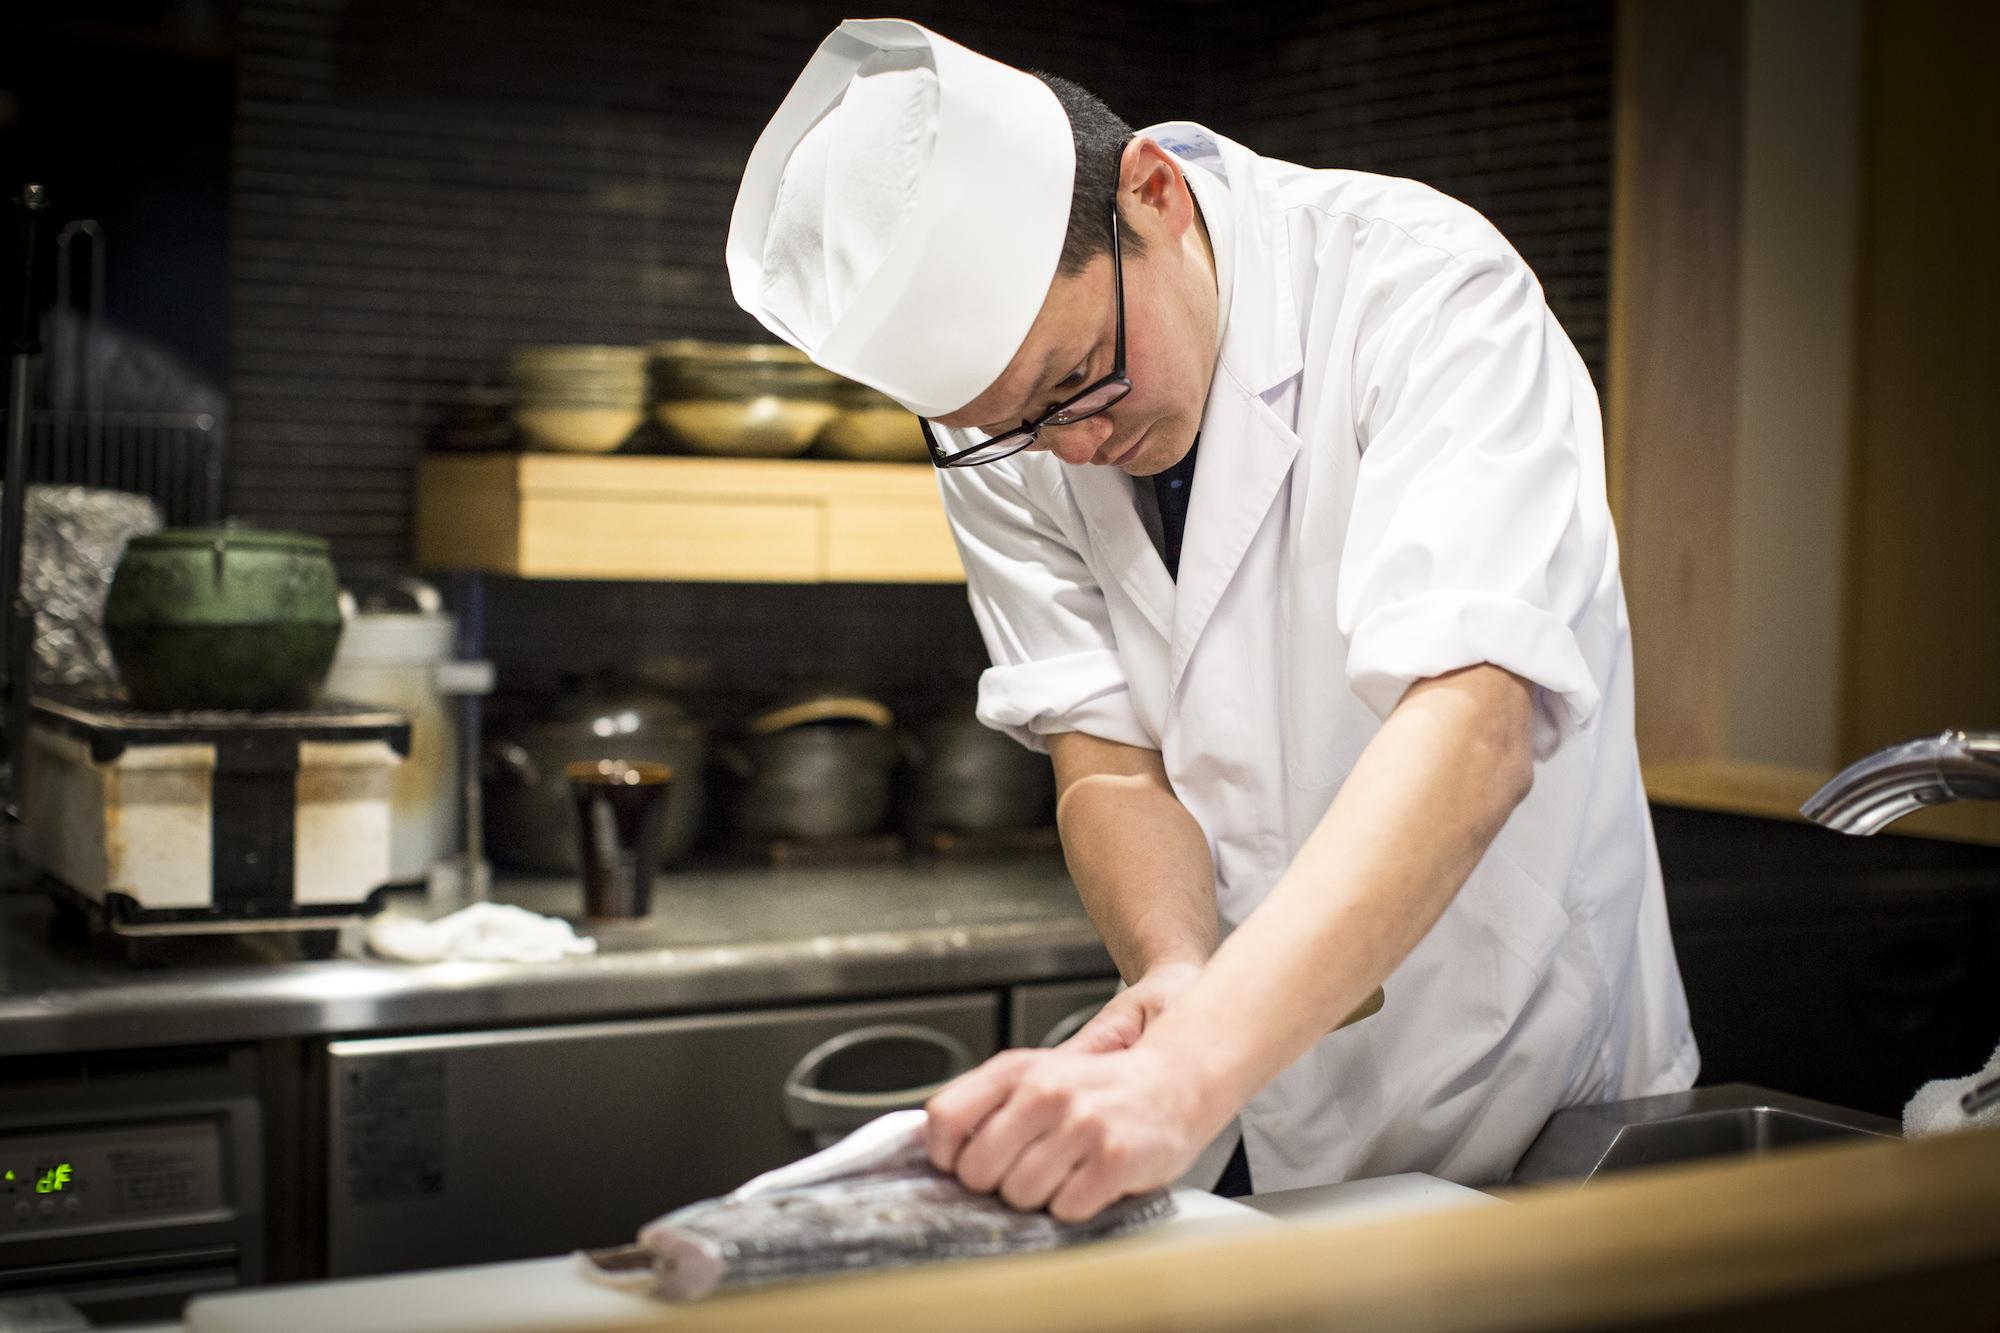 Mitsuya Tomonori Matsumura